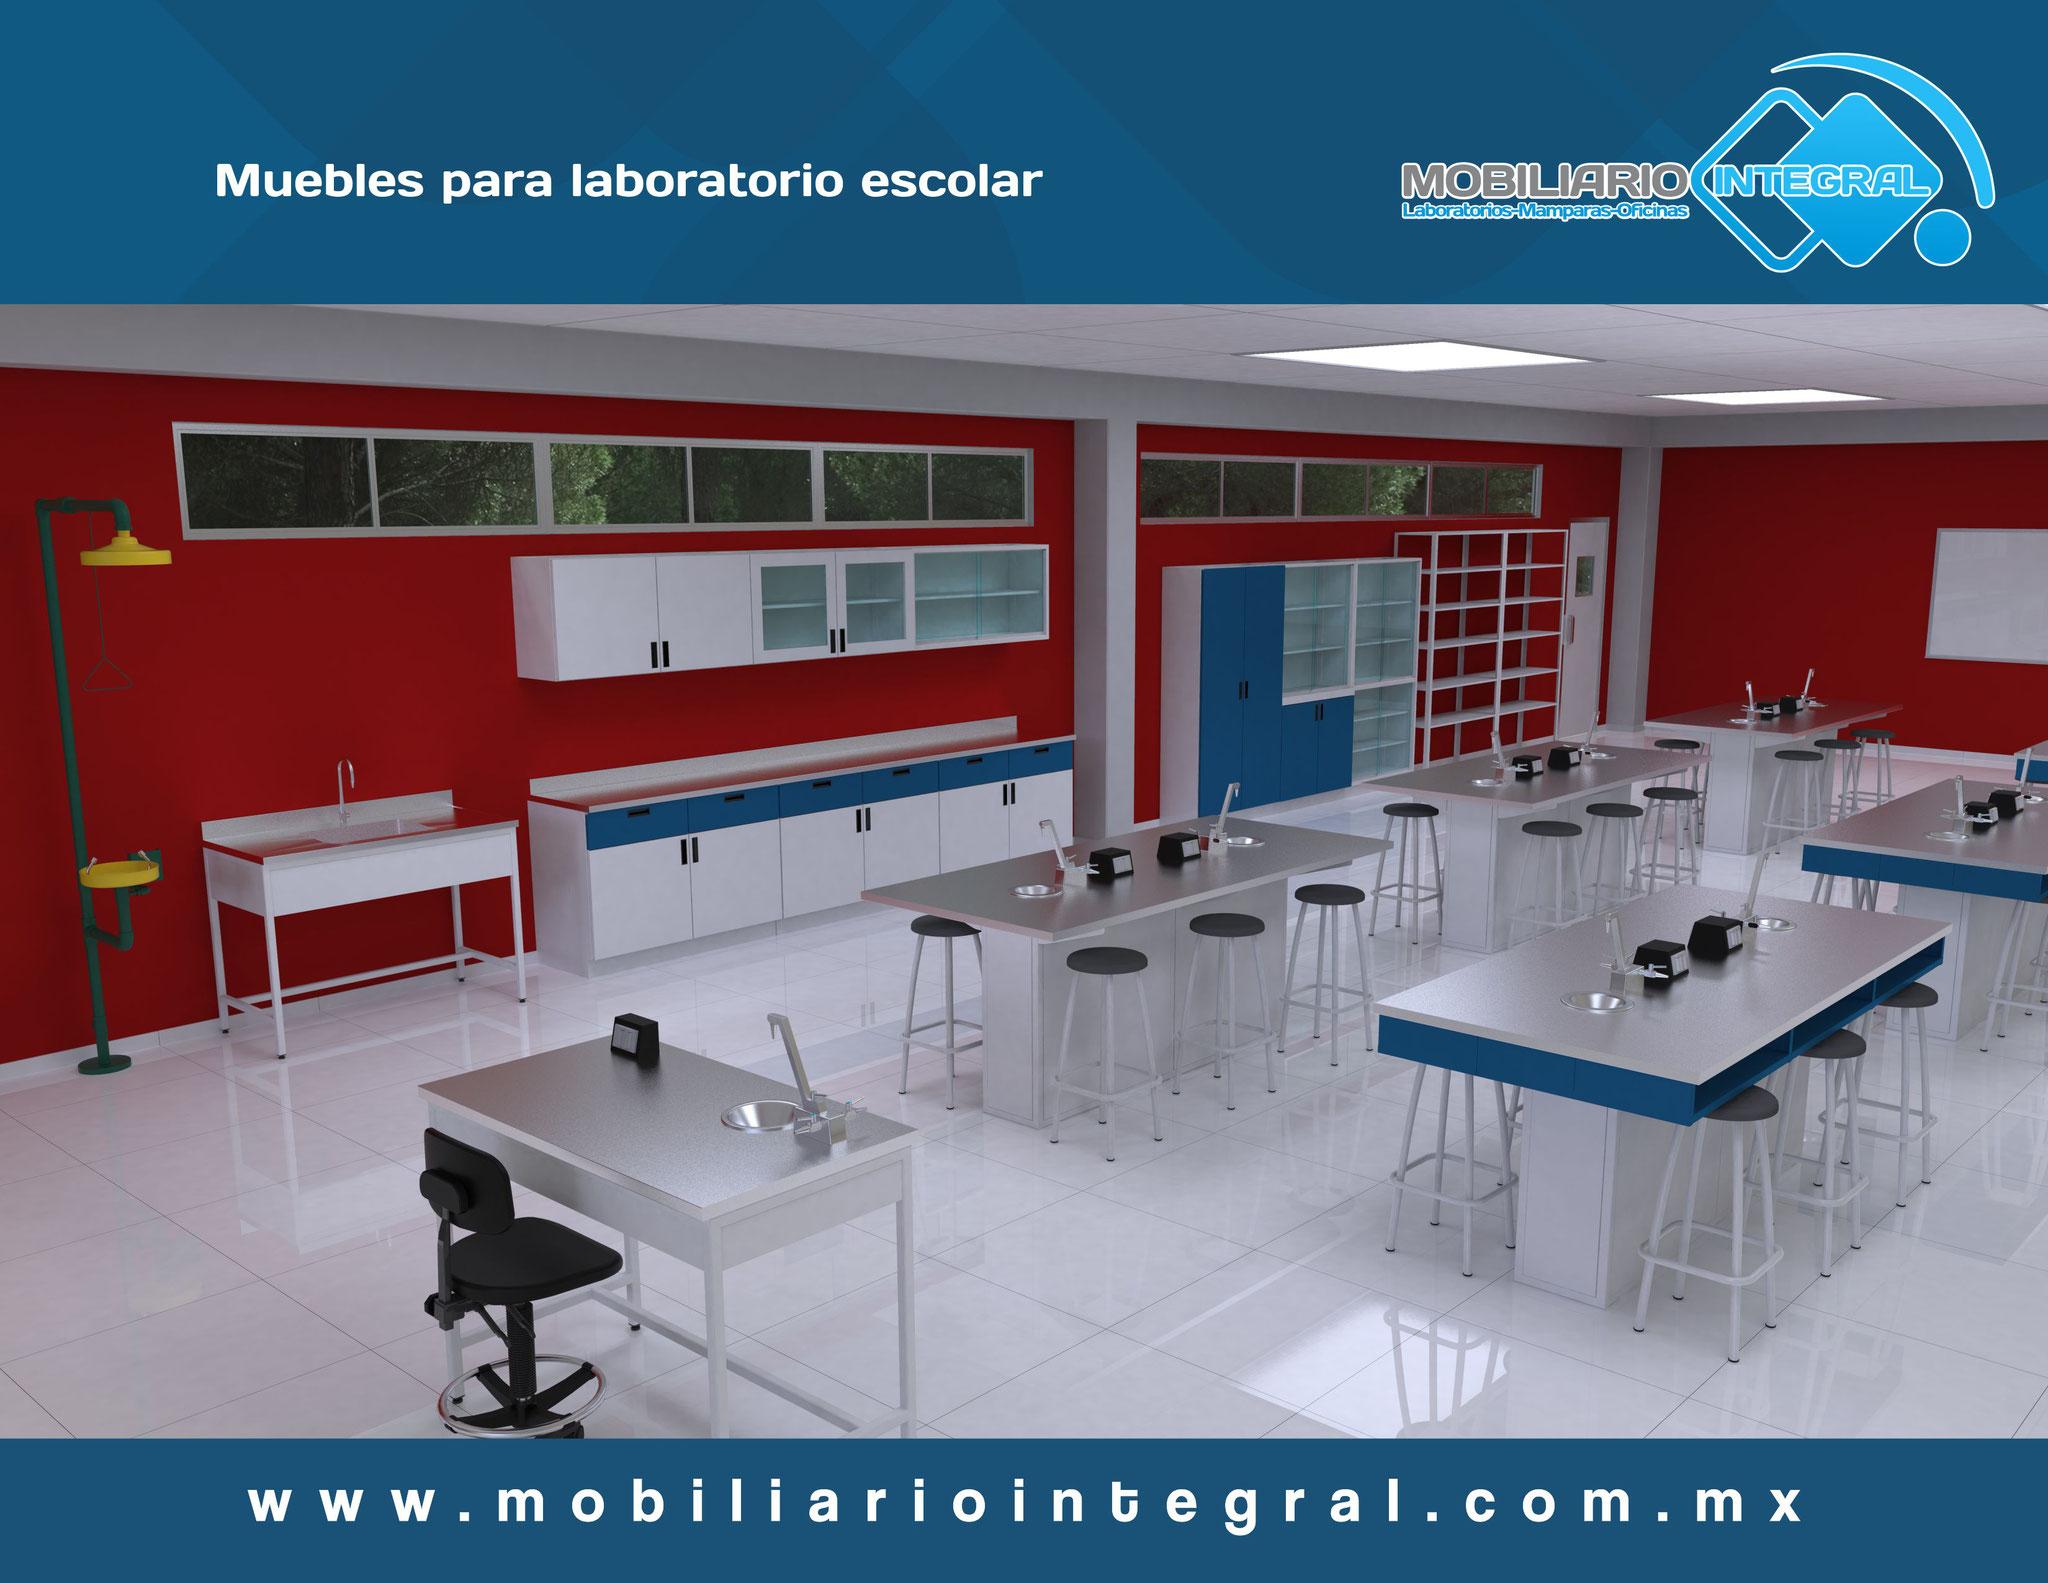 Muebles para laboratorio escolar Sonora